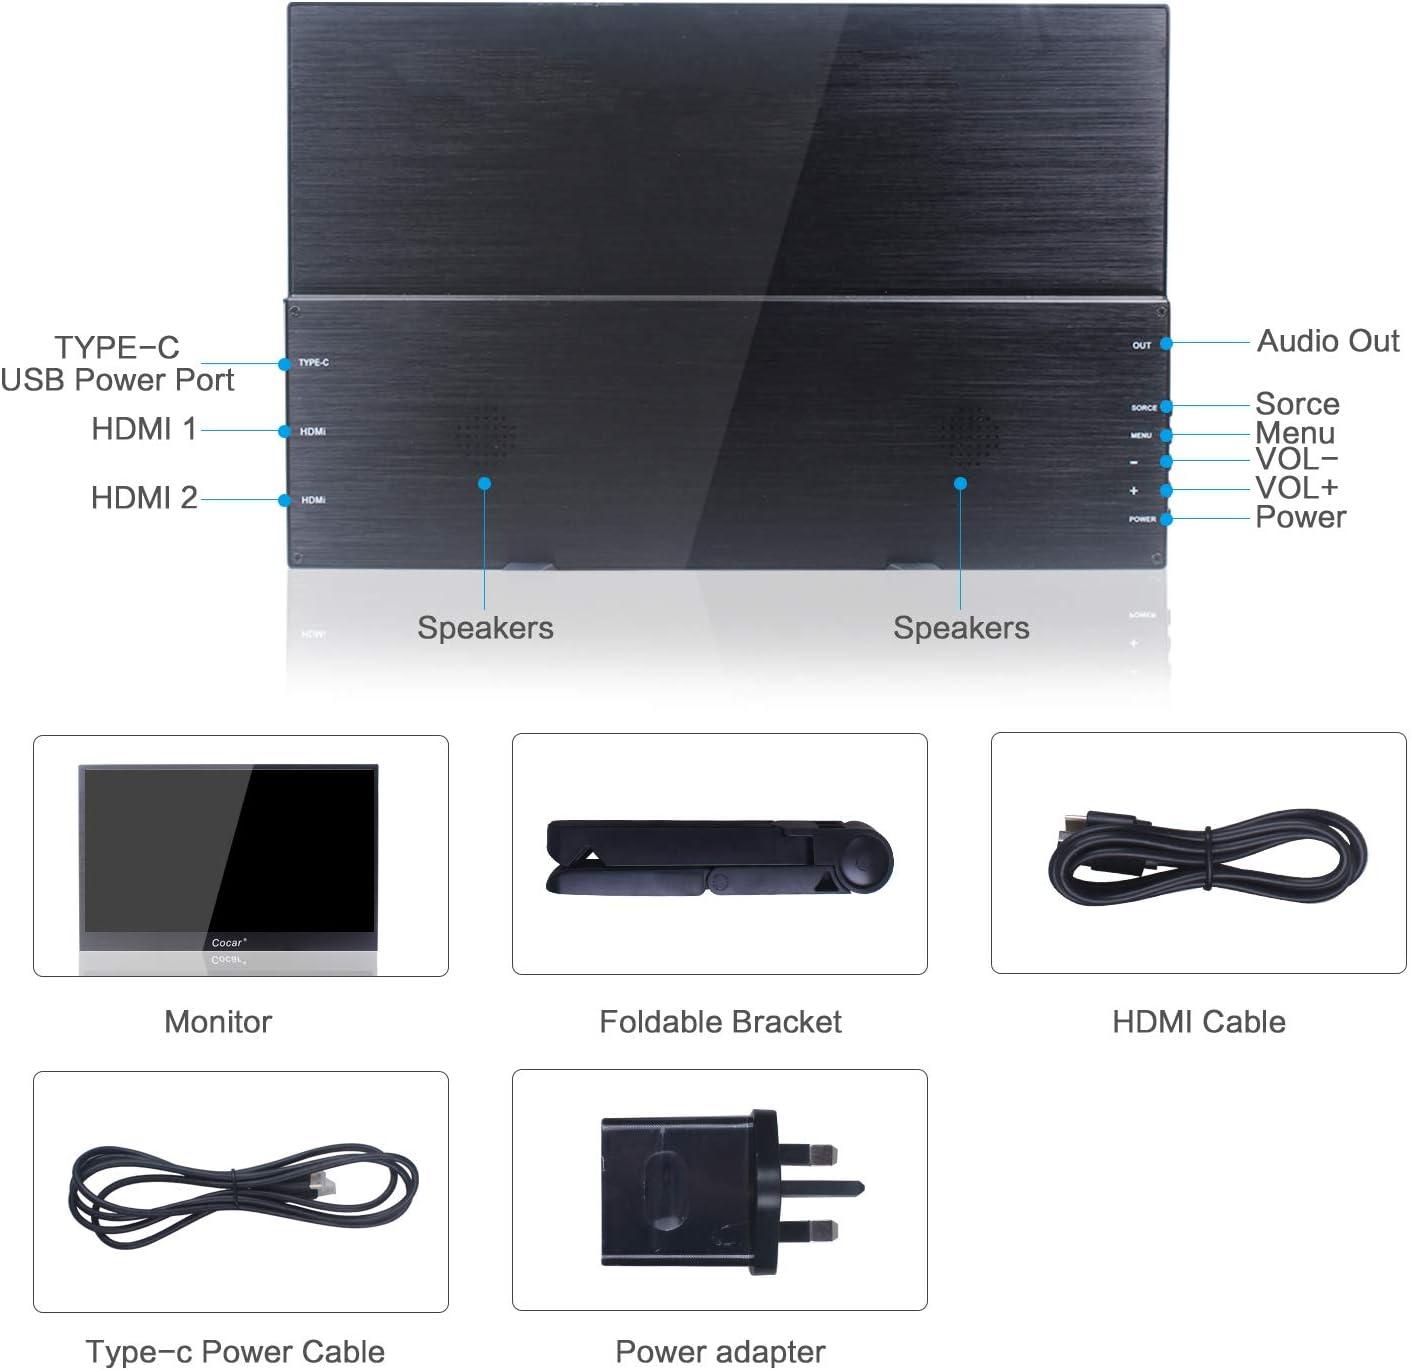 Portátil Monitor Ultra Delgado 12.5 Pulgadas IPS Full HD 1920x1080P 5 mm para PC Juego de Azar DVD Reproductor Dual HDMI con Mini Soporte 5V USB Type-C Powered Luz de Fondo LED